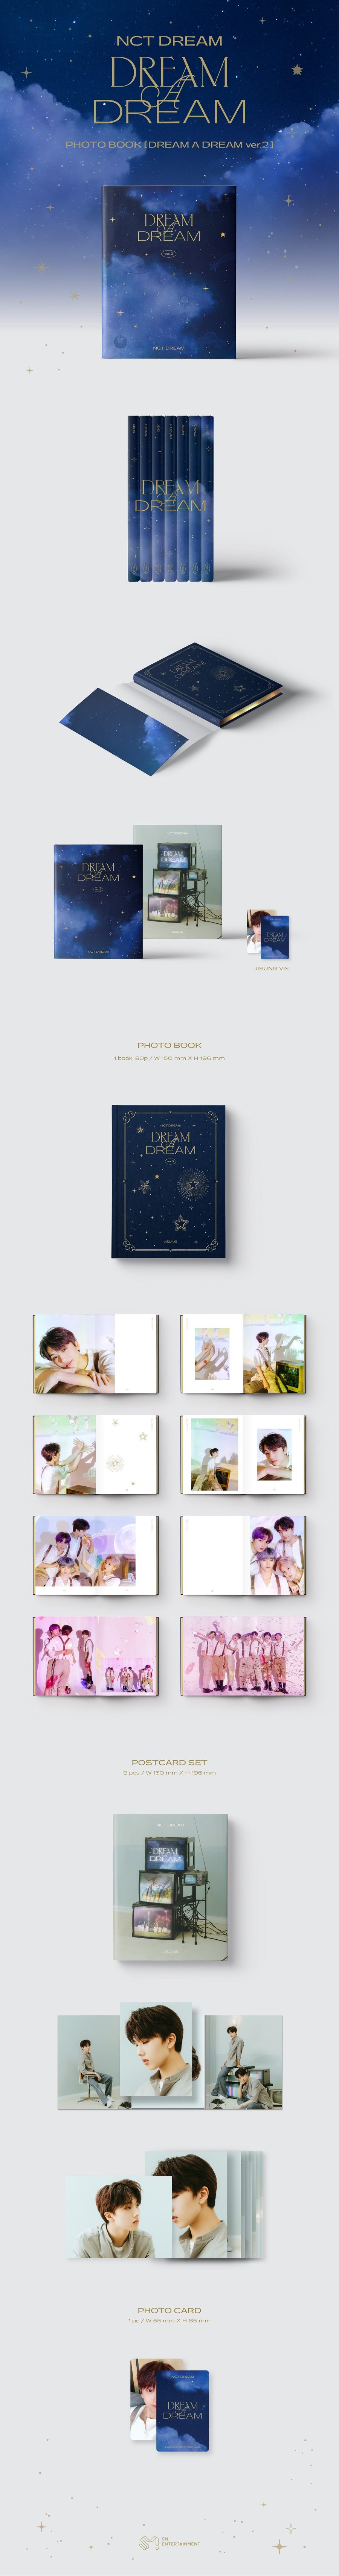 NCT DREAM - DREAM A DREAM Photobook Ver.2 [지성 Ver.]